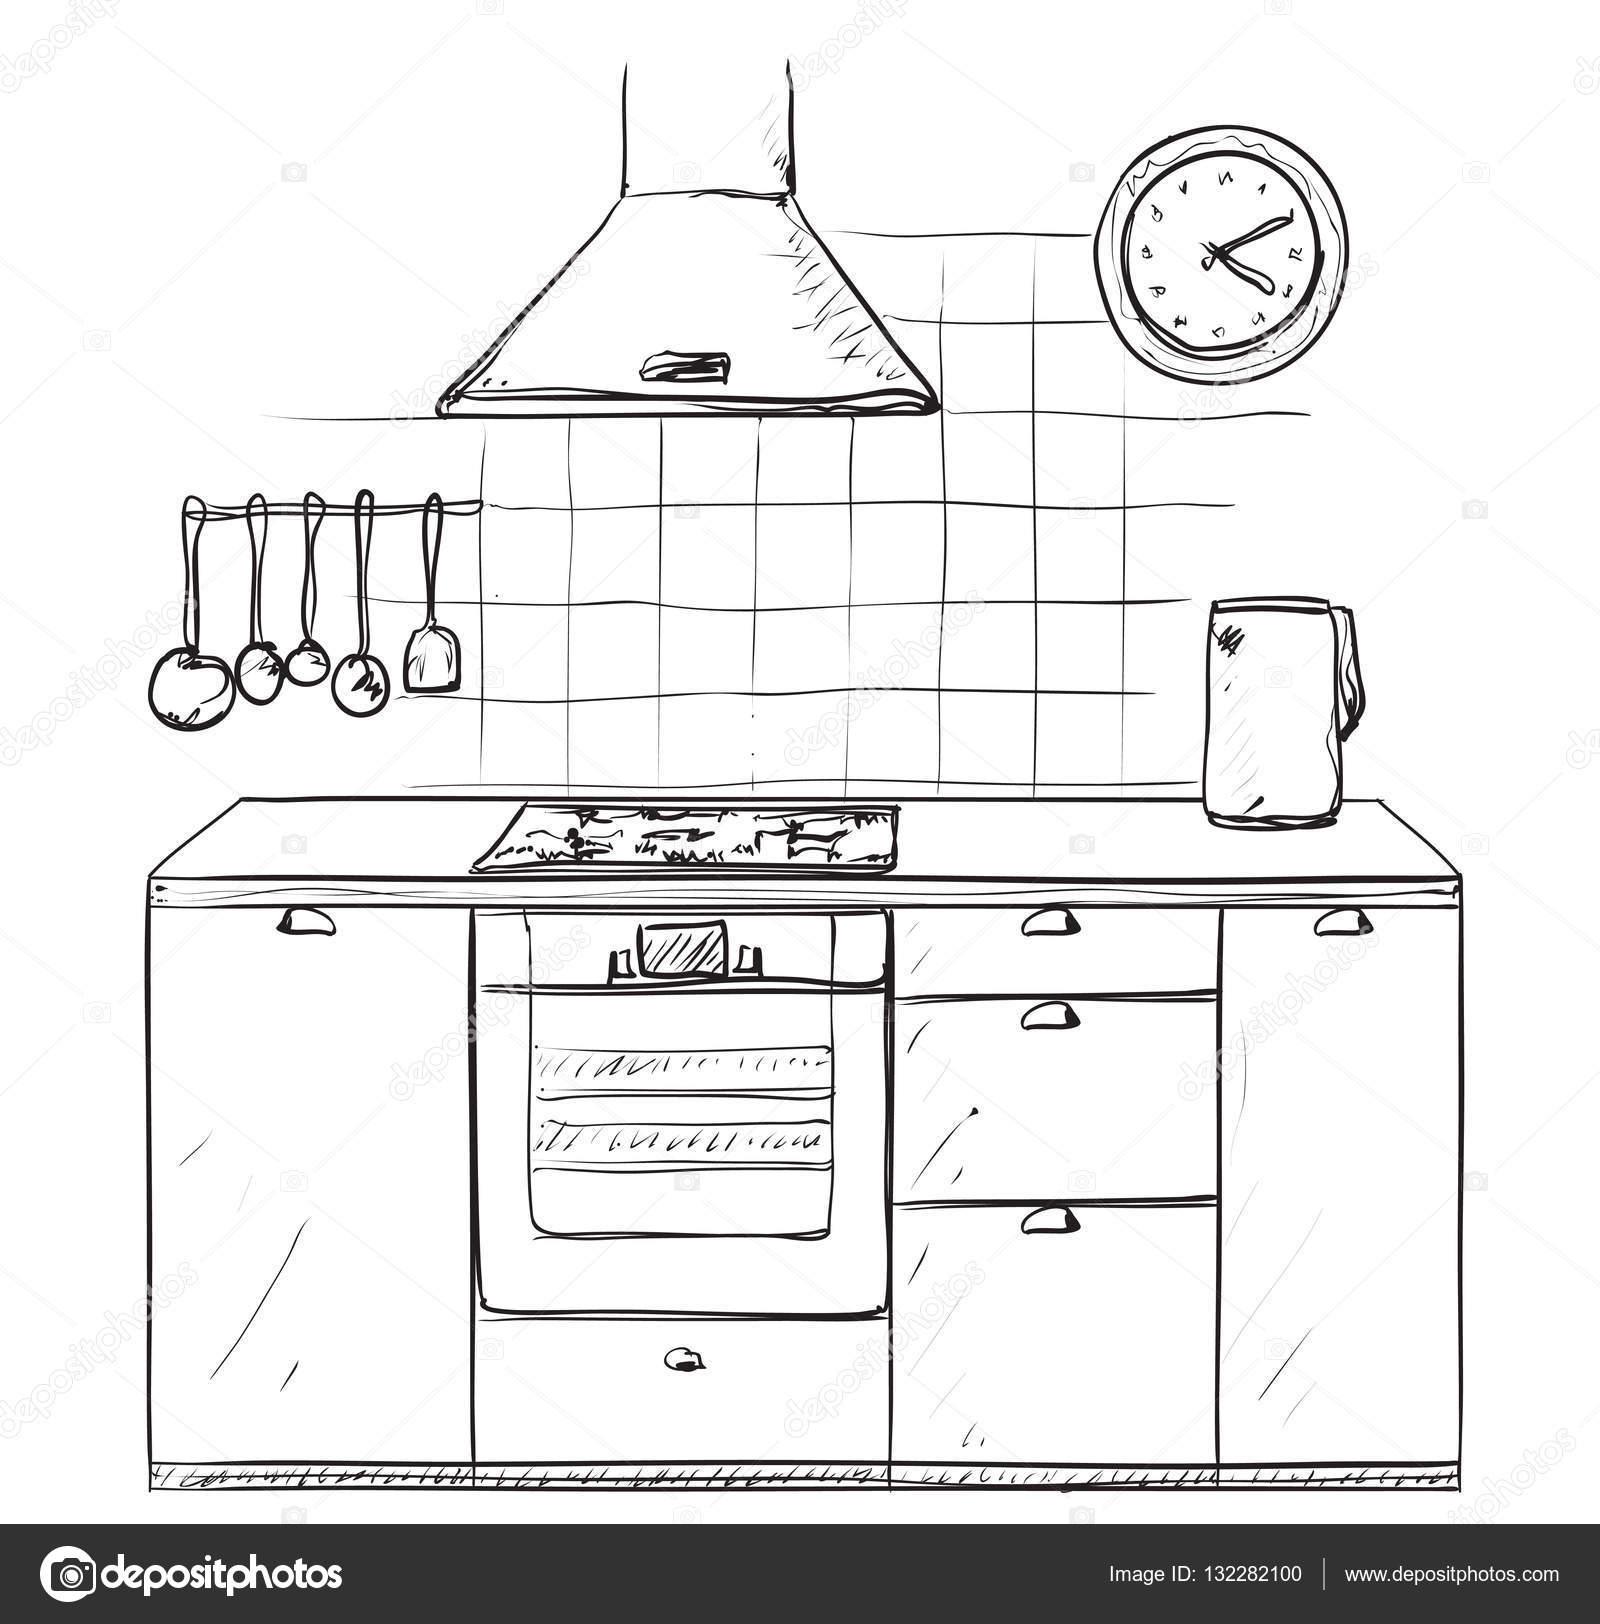 Lovely Cocina Dibujado De La Mano. Bosquejo De Mueble. Ilustración De Vector U2014  Vector De ...